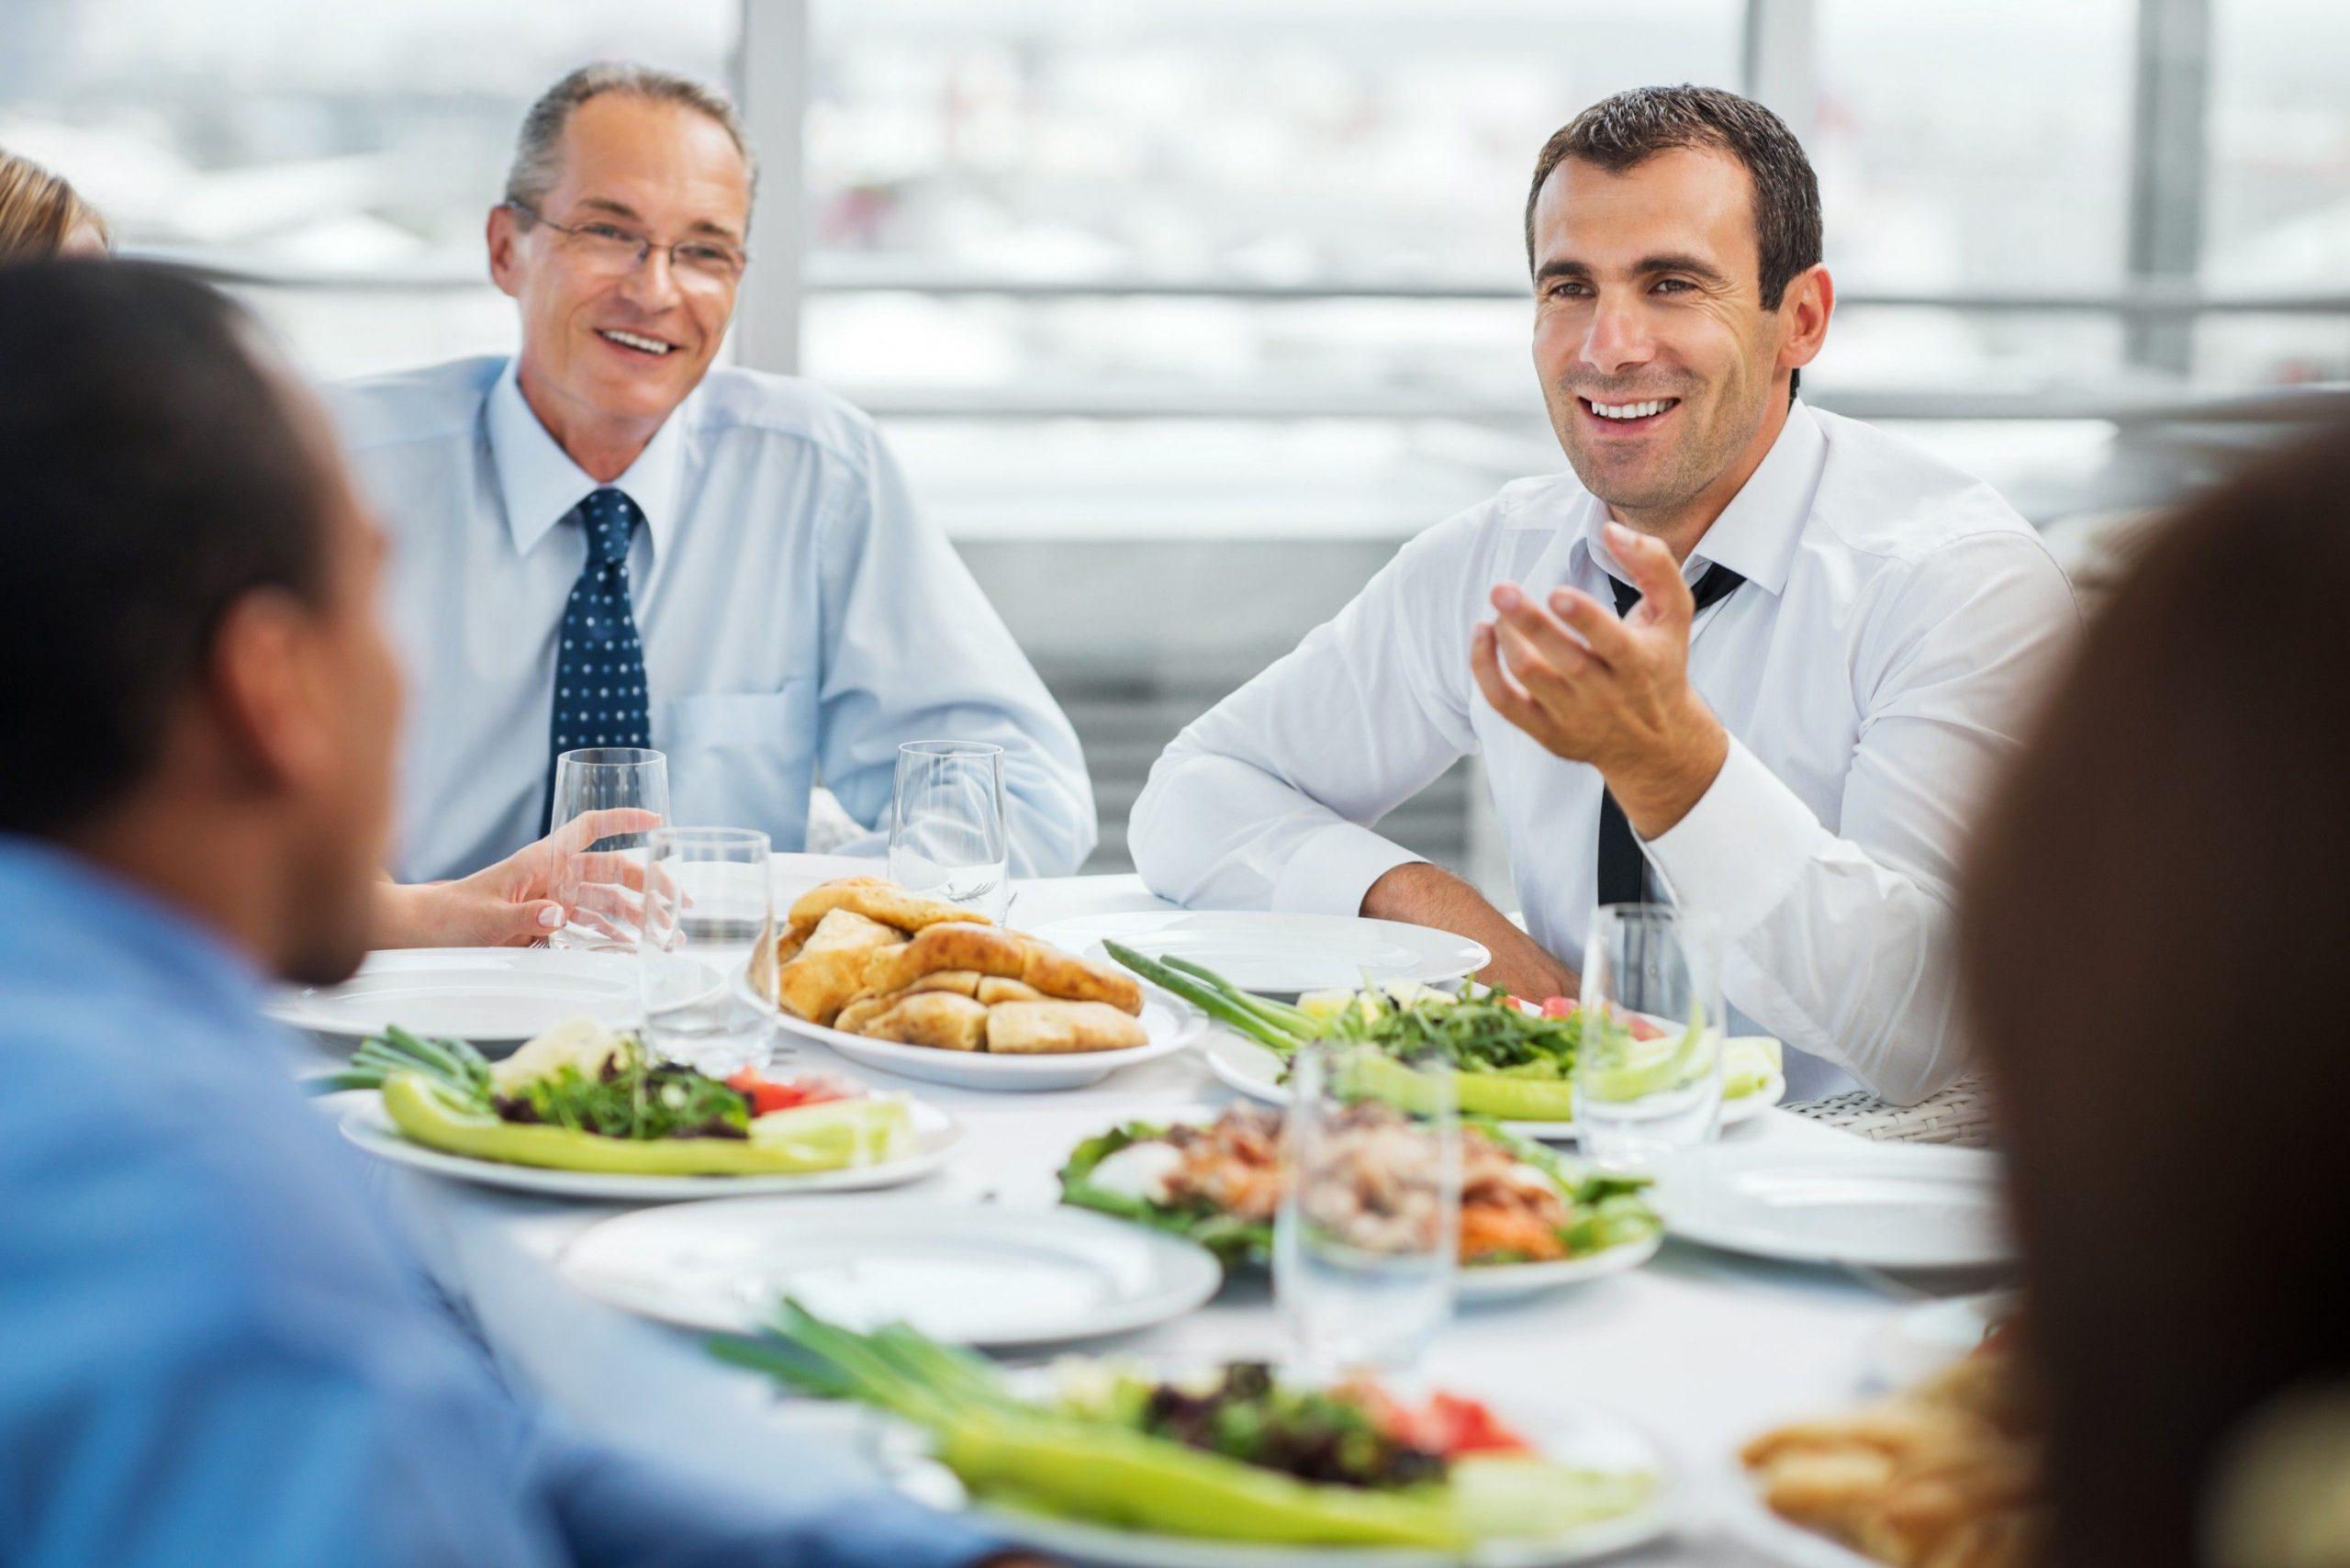 Entenda o que diz a legislação sobre restaurantes nas empresas